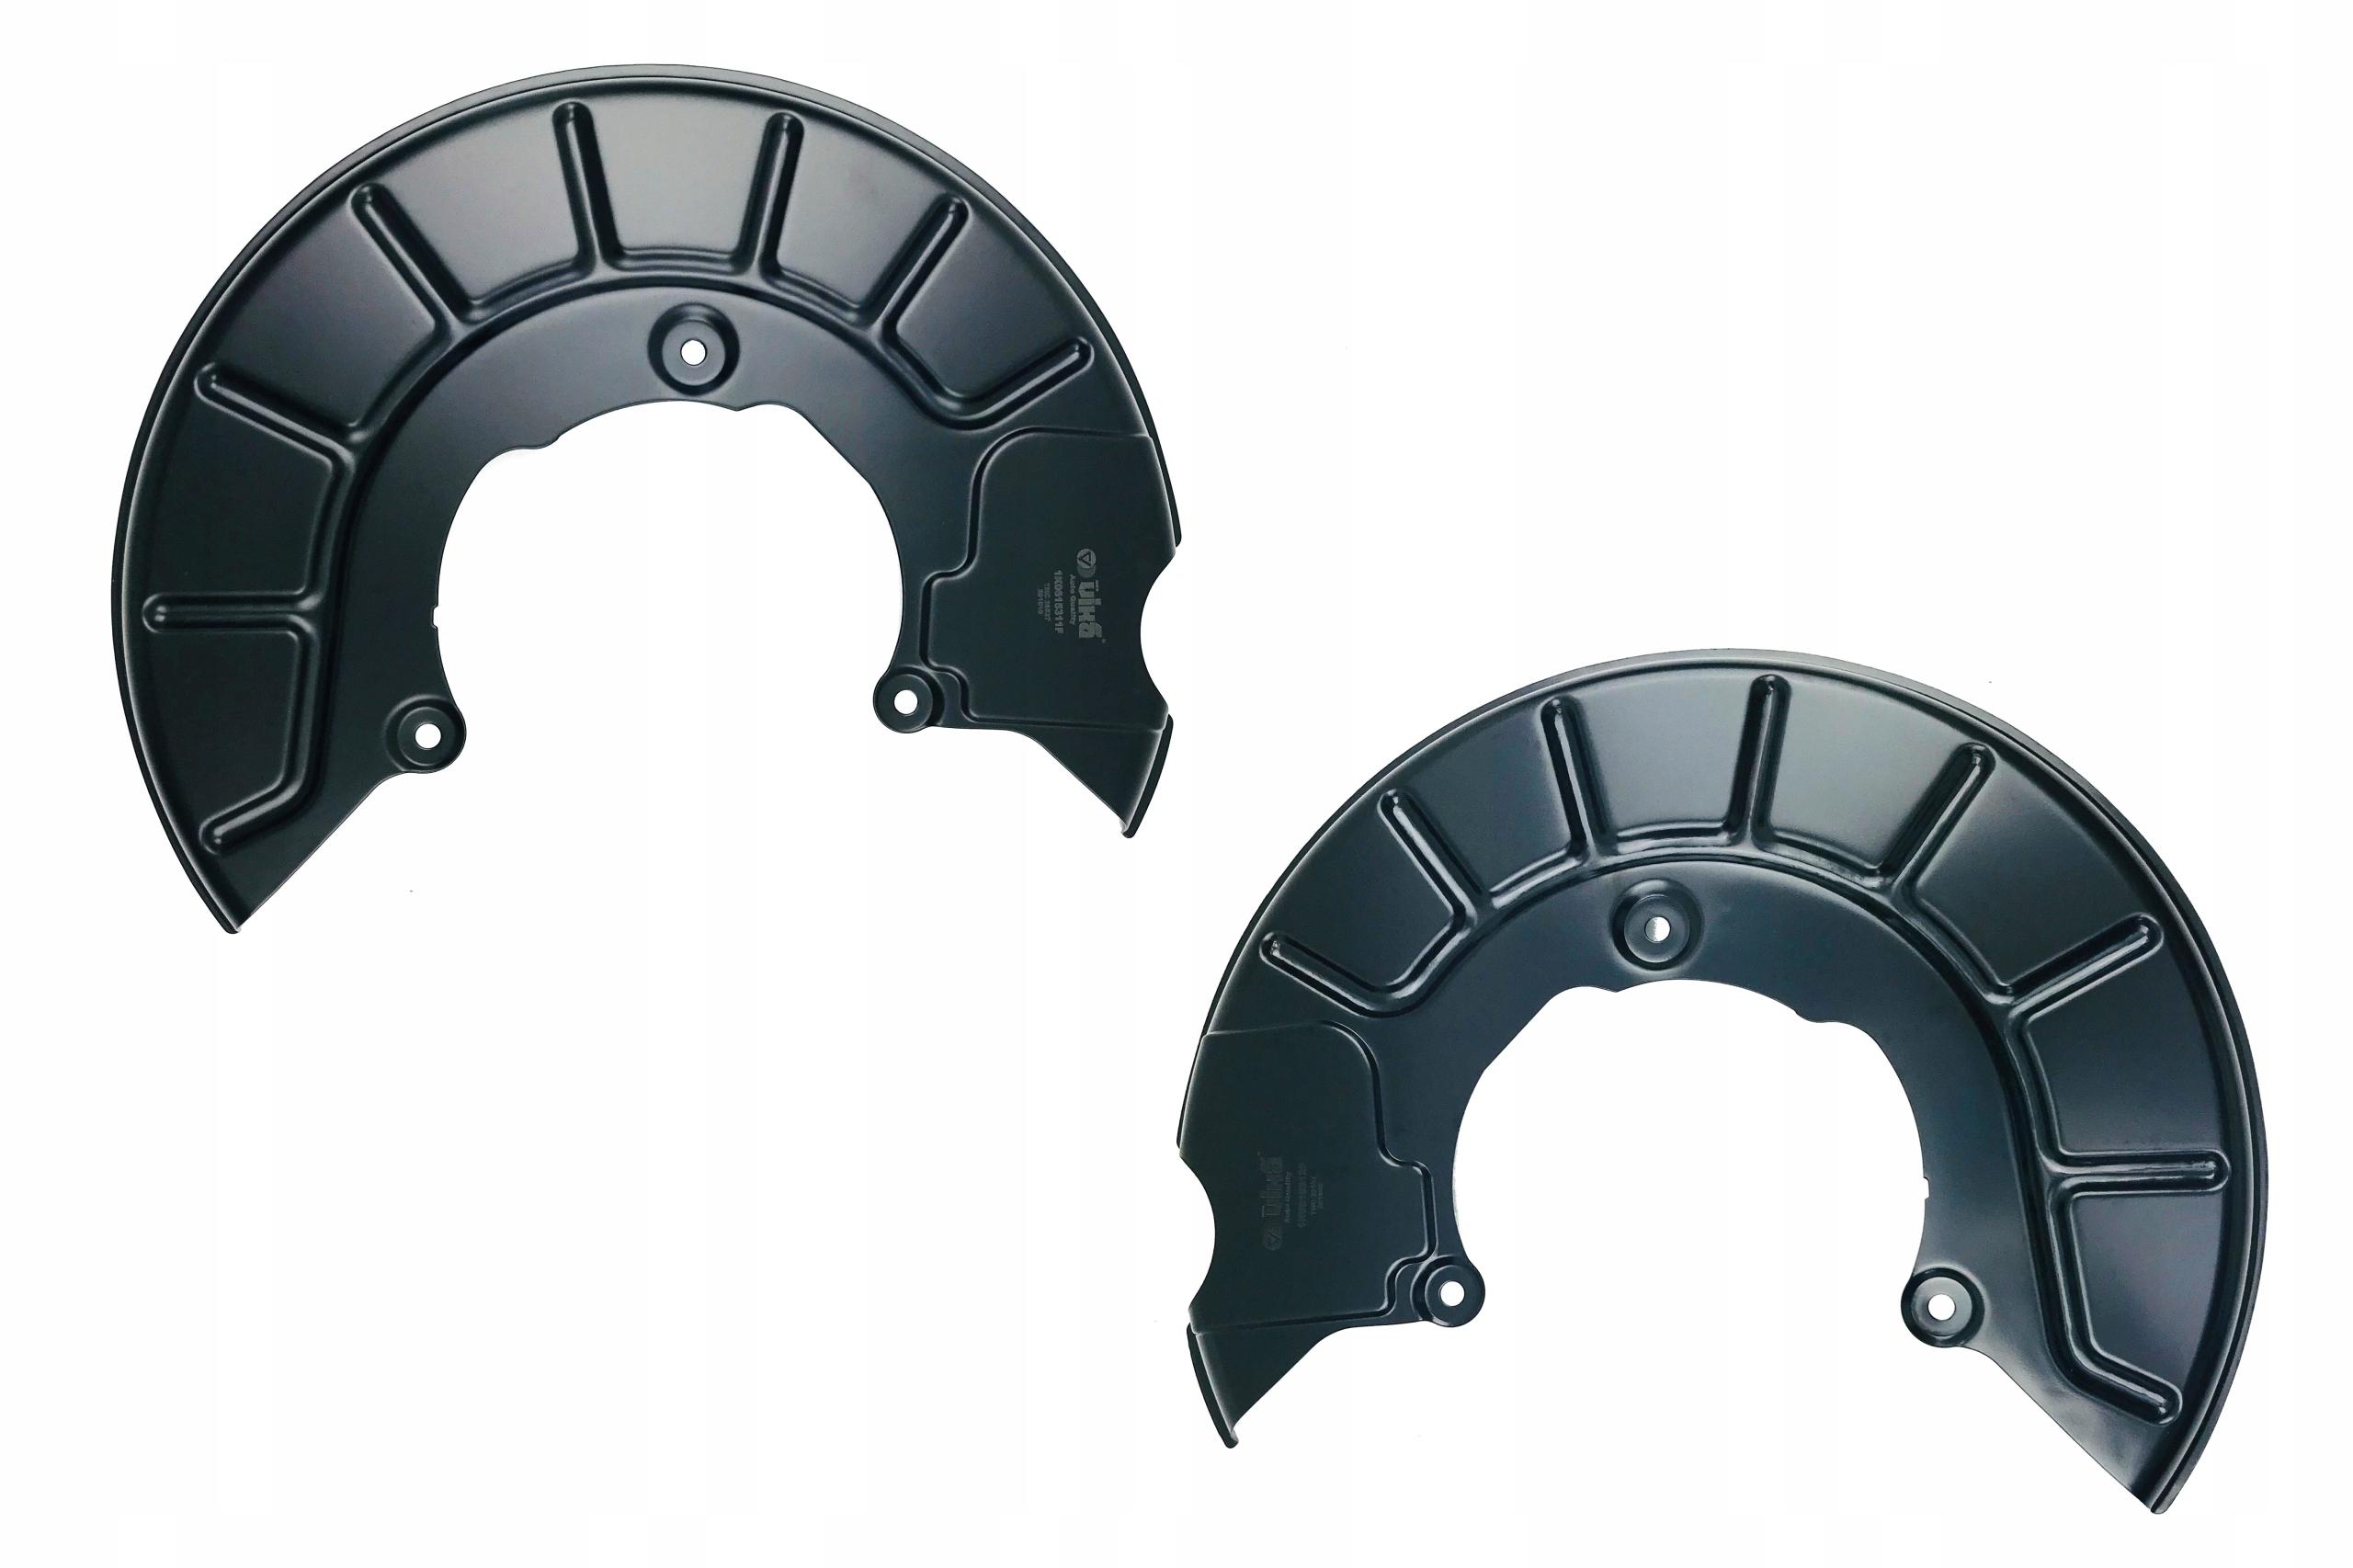 крышки дисков вперед гольф v vi 5 6 + права слева компл